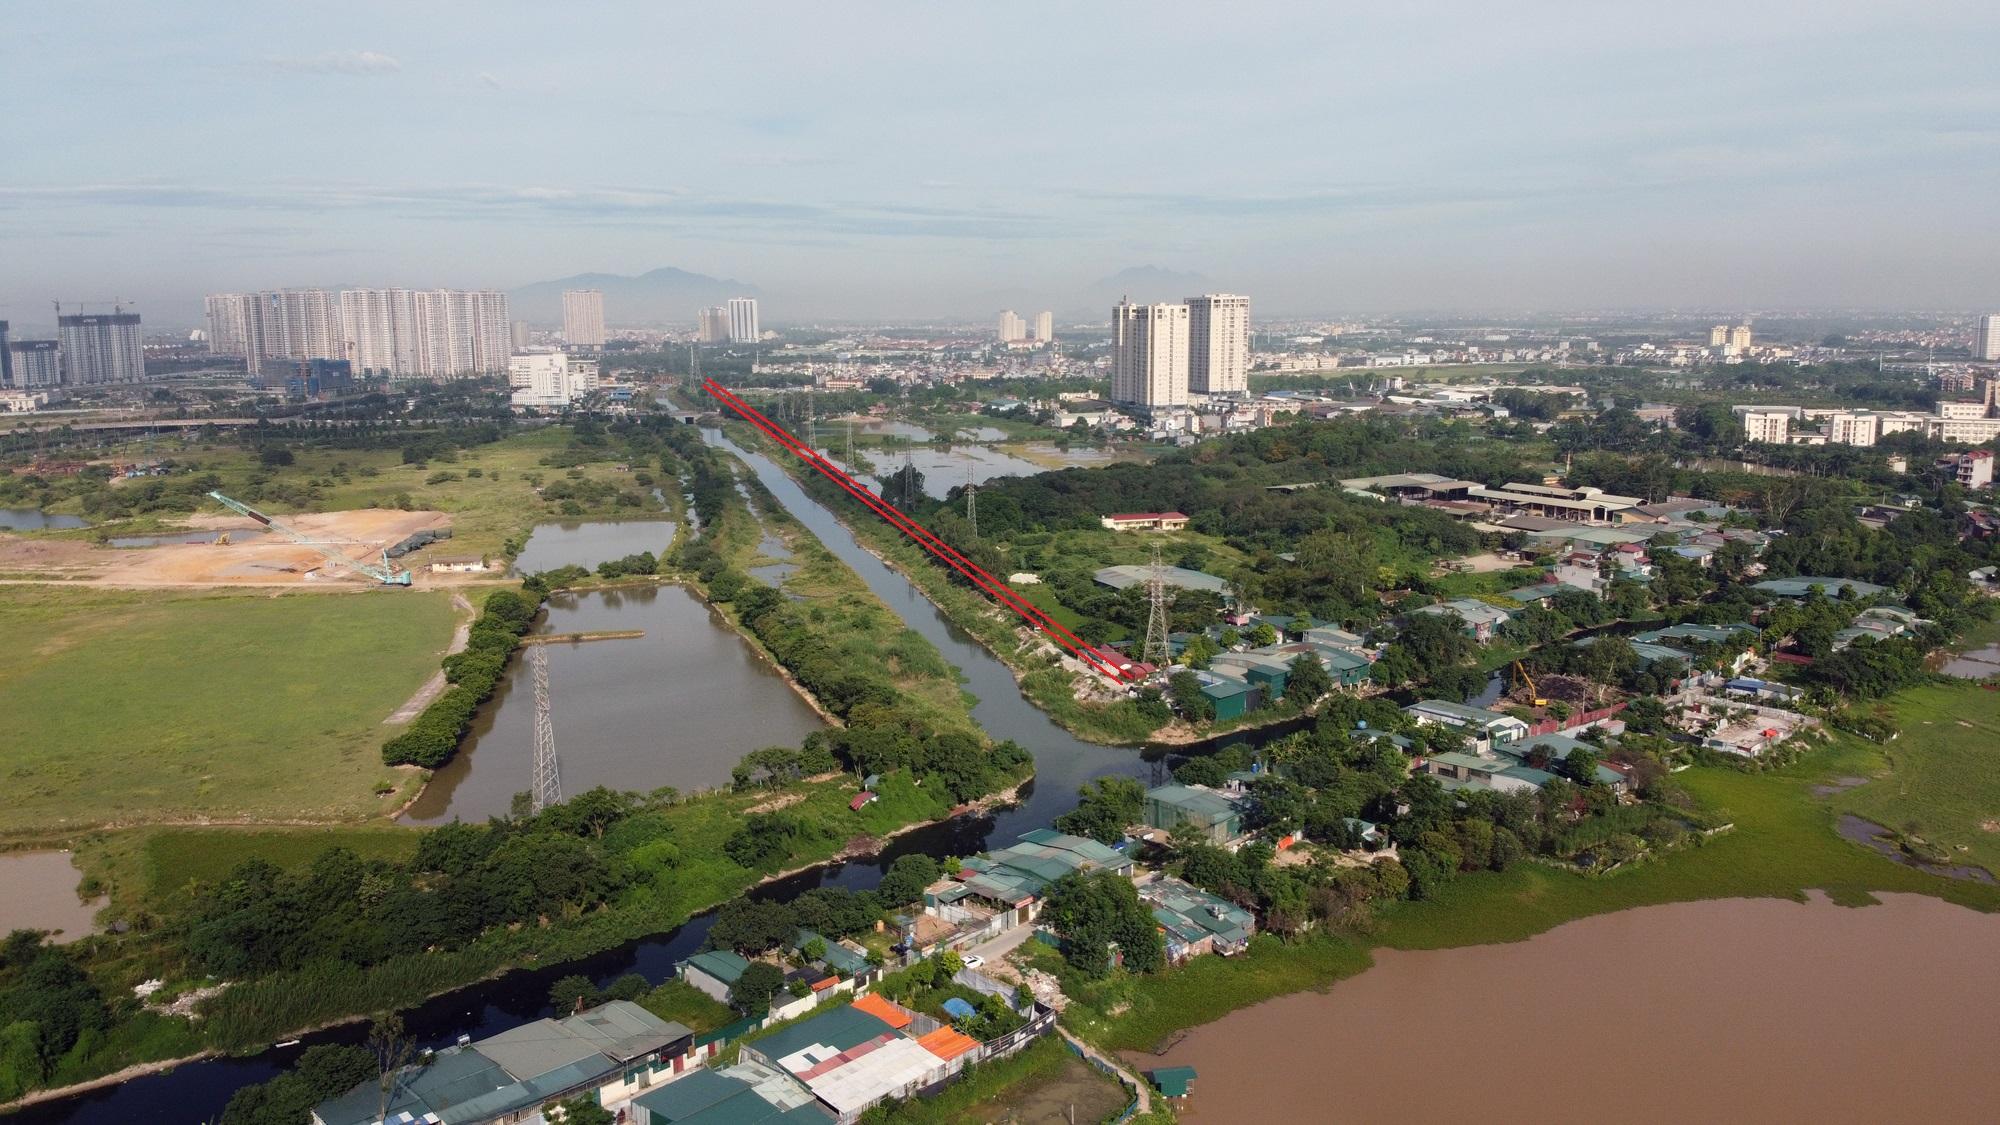 đường sẽ mở theo qui hoạch ở phường Tây Mỗ, Nam Từ Liêm, Hà Nội - Ảnh 3.